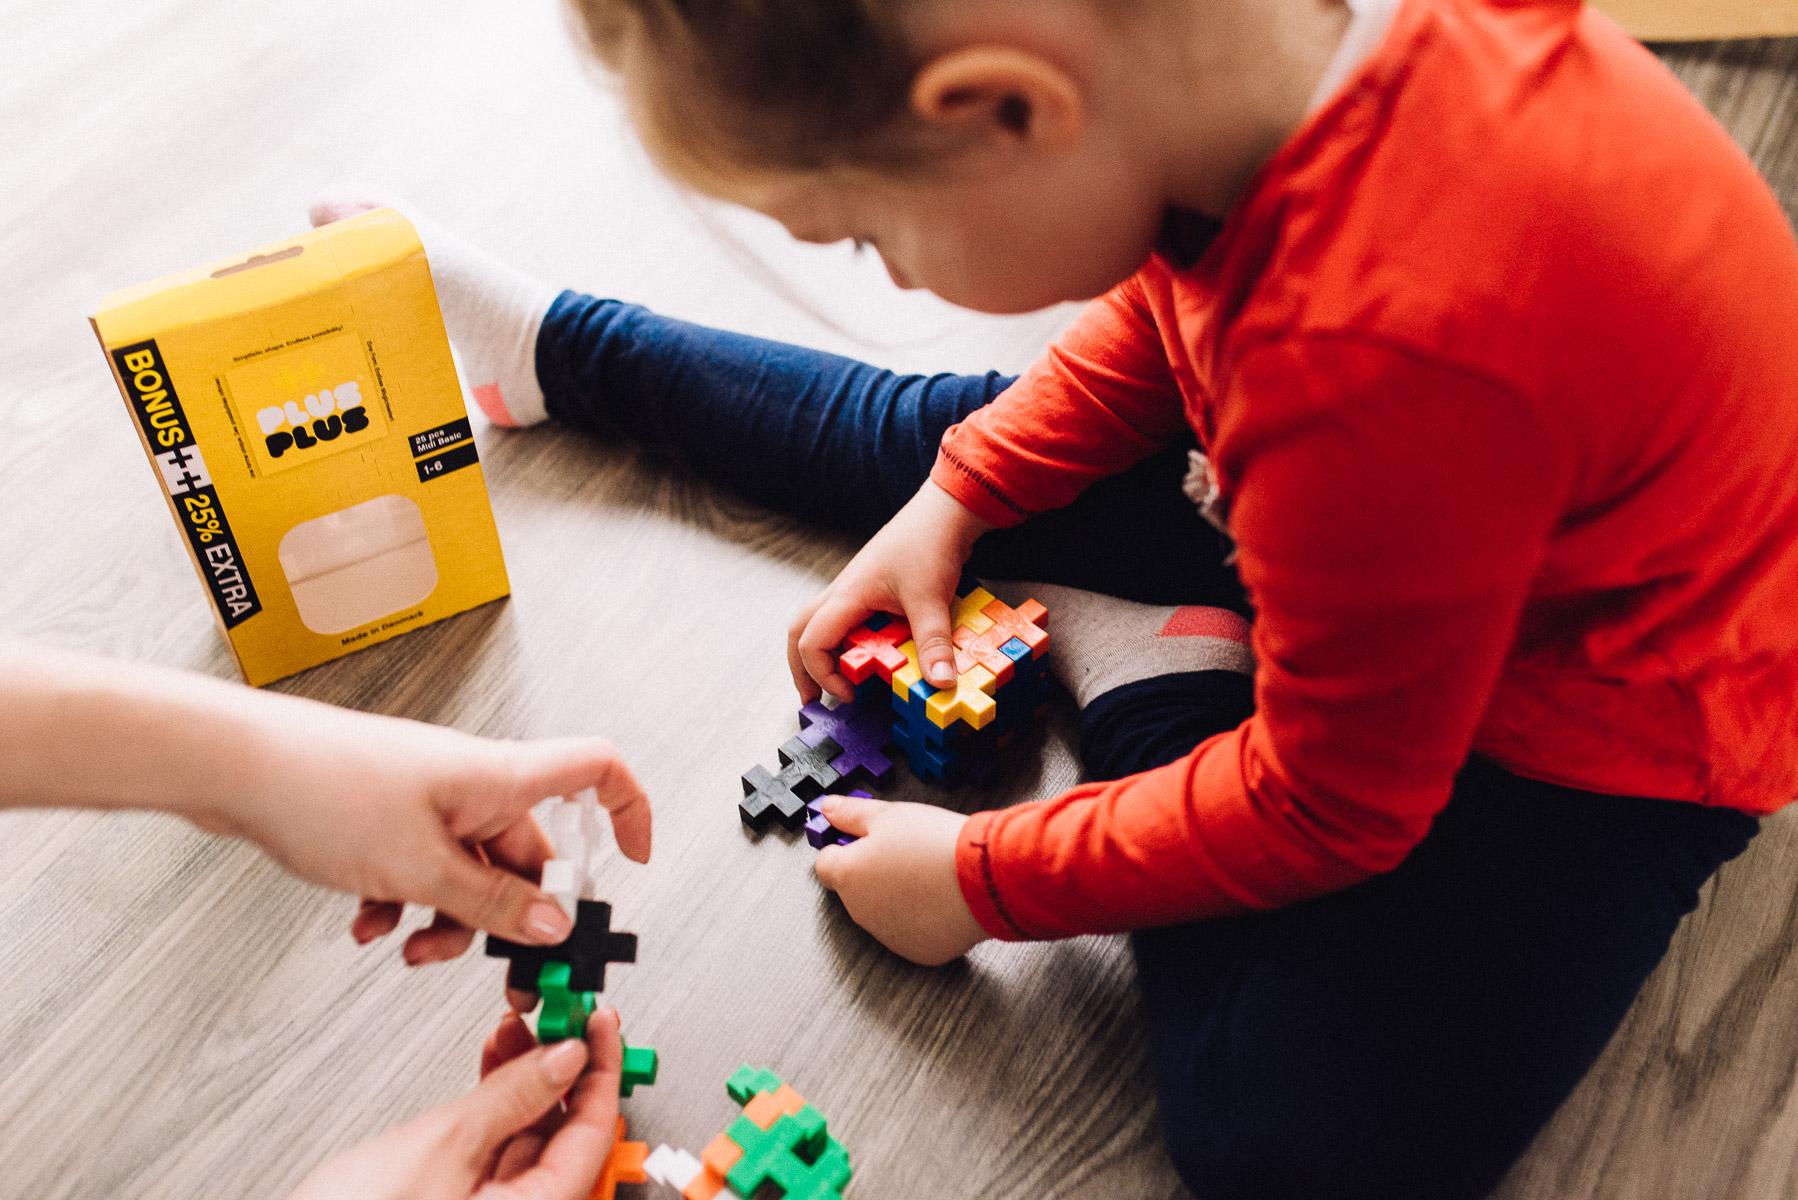 Recenzja klocków PLUS PLUS – ile warta jest zabawa z dzieckiem?